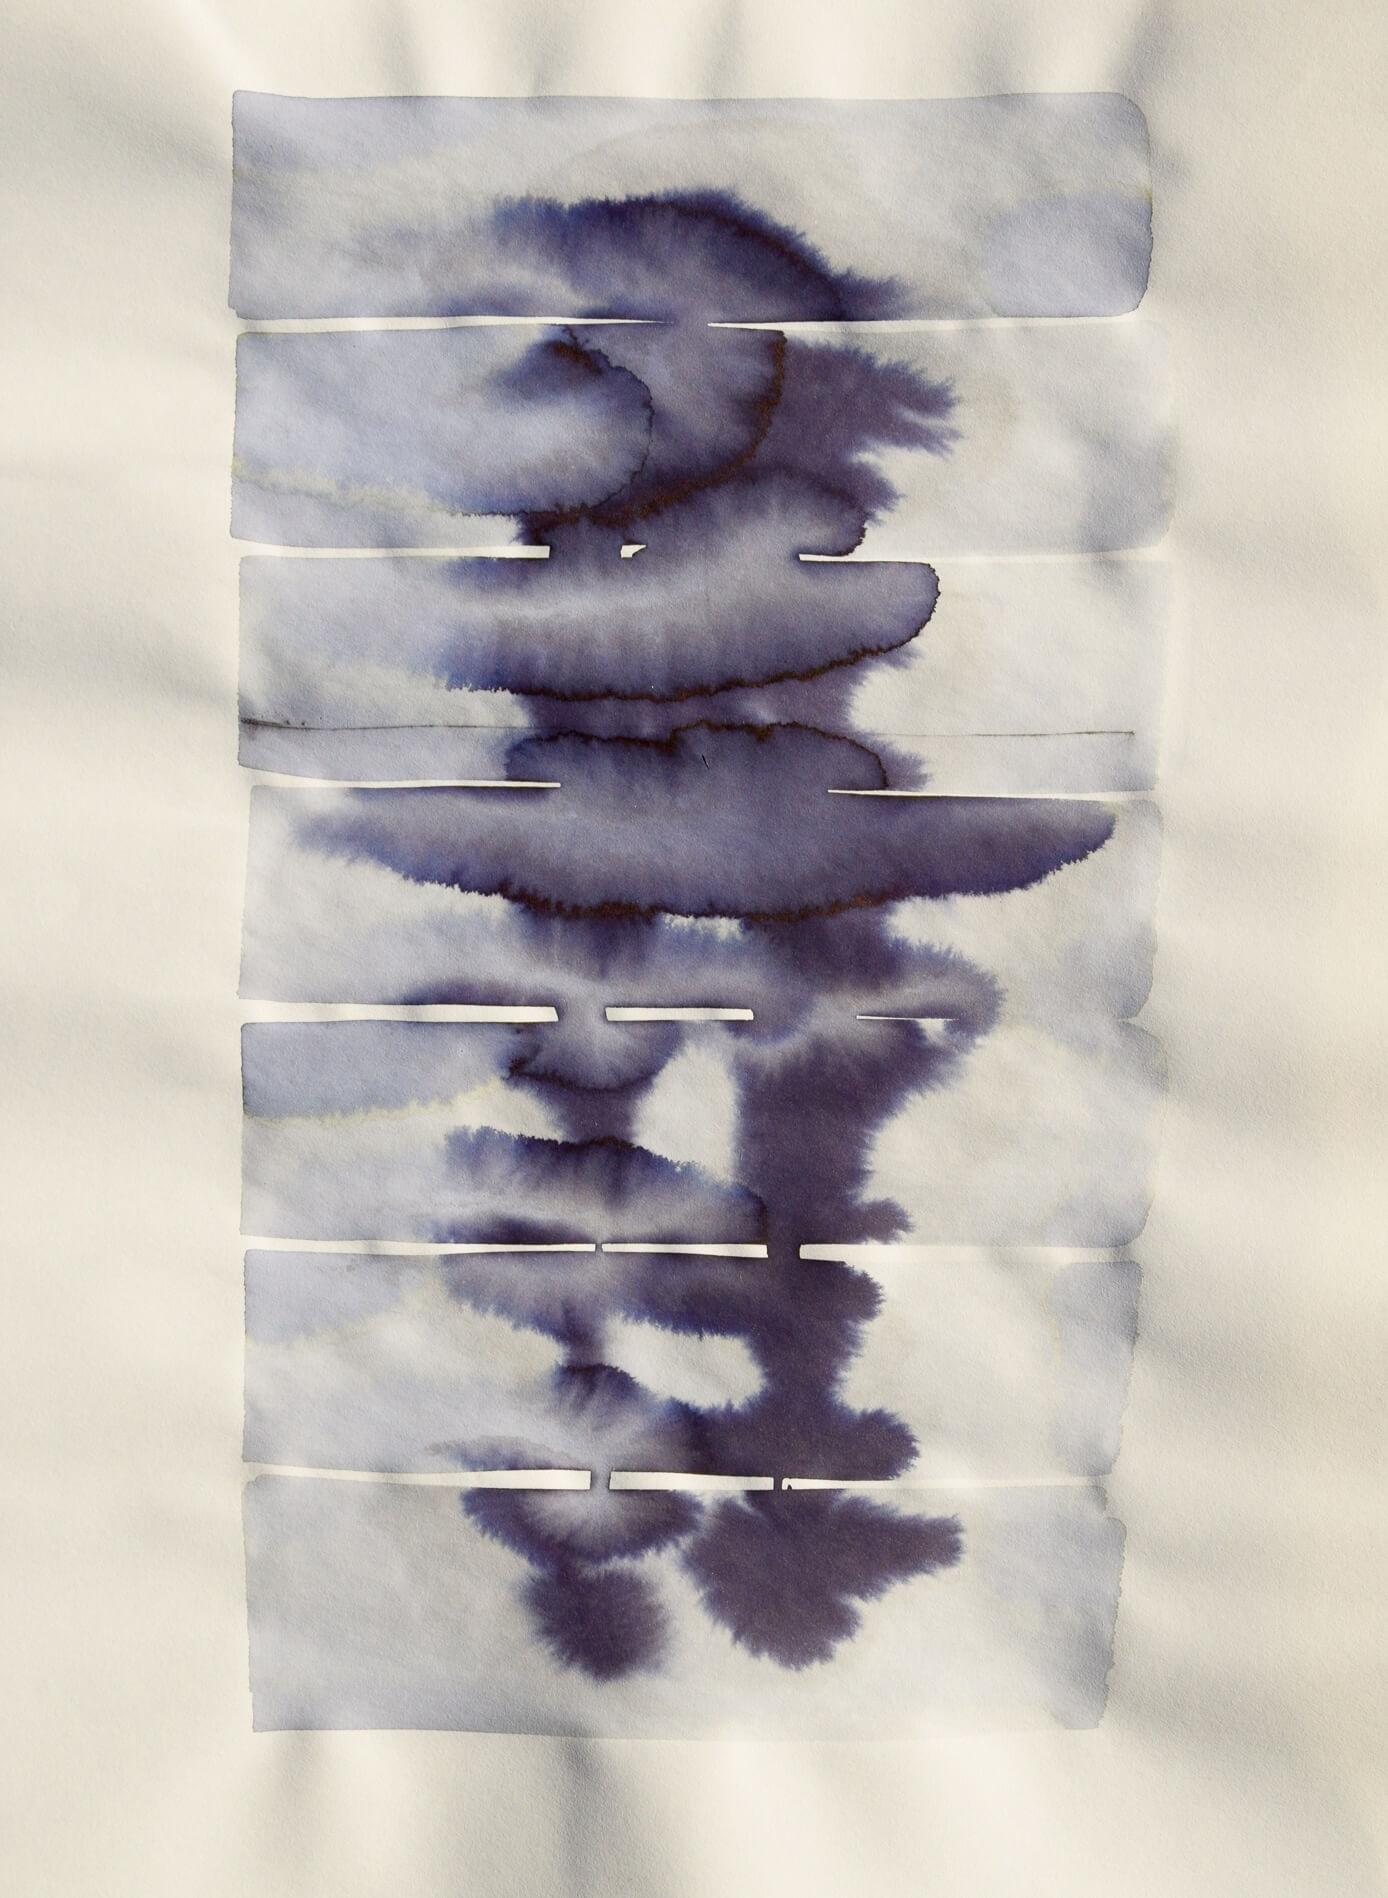 Federico Branchetti - Quadri dipinti - Corpo, acqua e nebbia 2019 - 12